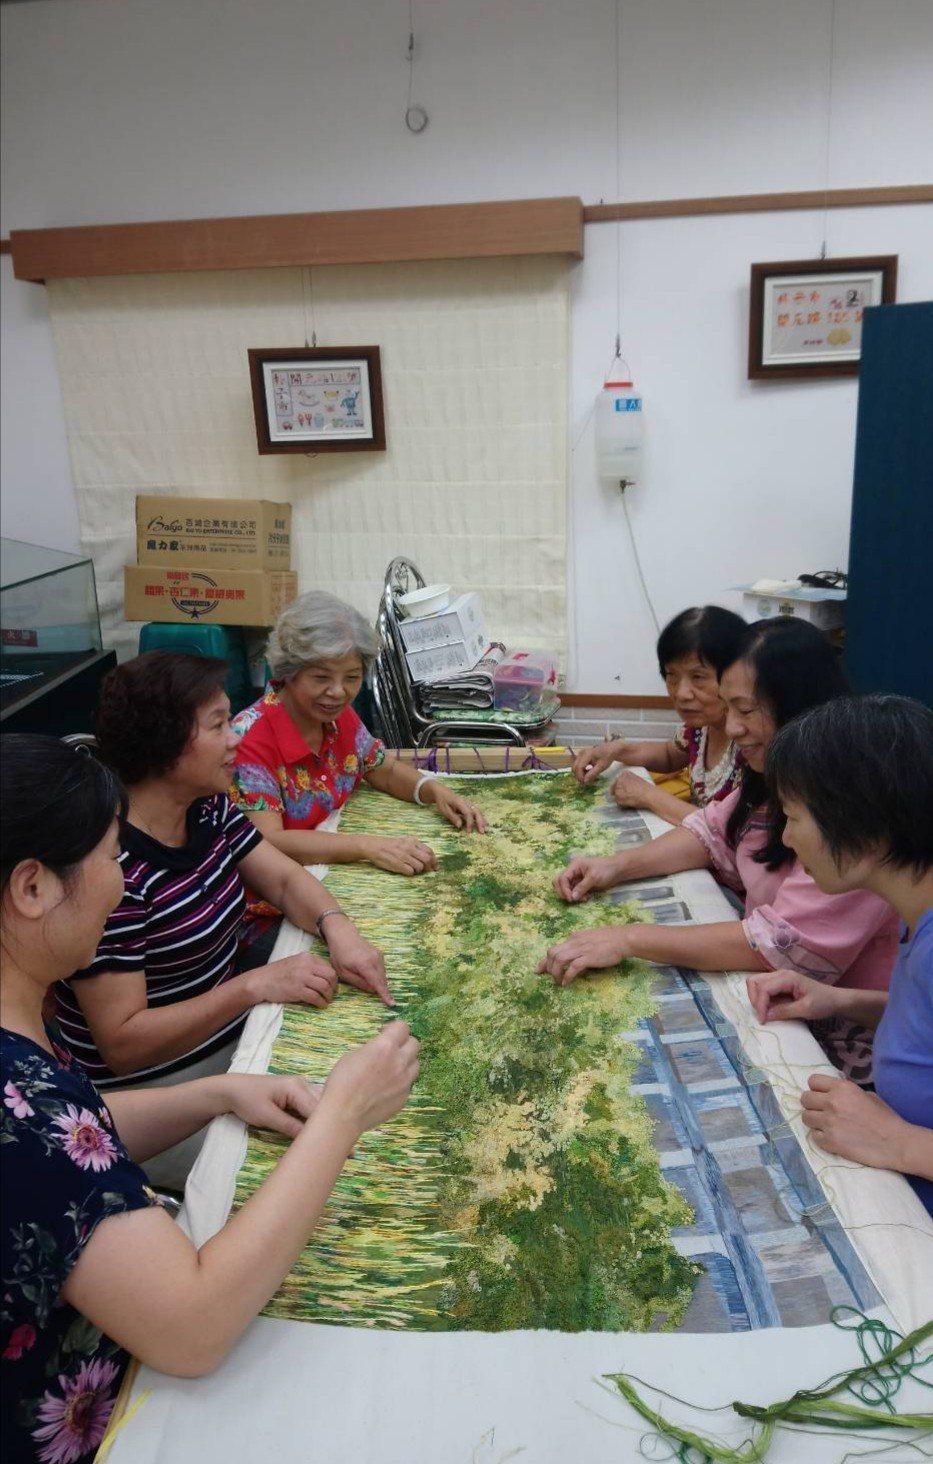 刺繡老師耗時6年才完成水道頭刺繡作品。 圖/刺繡文化館提供